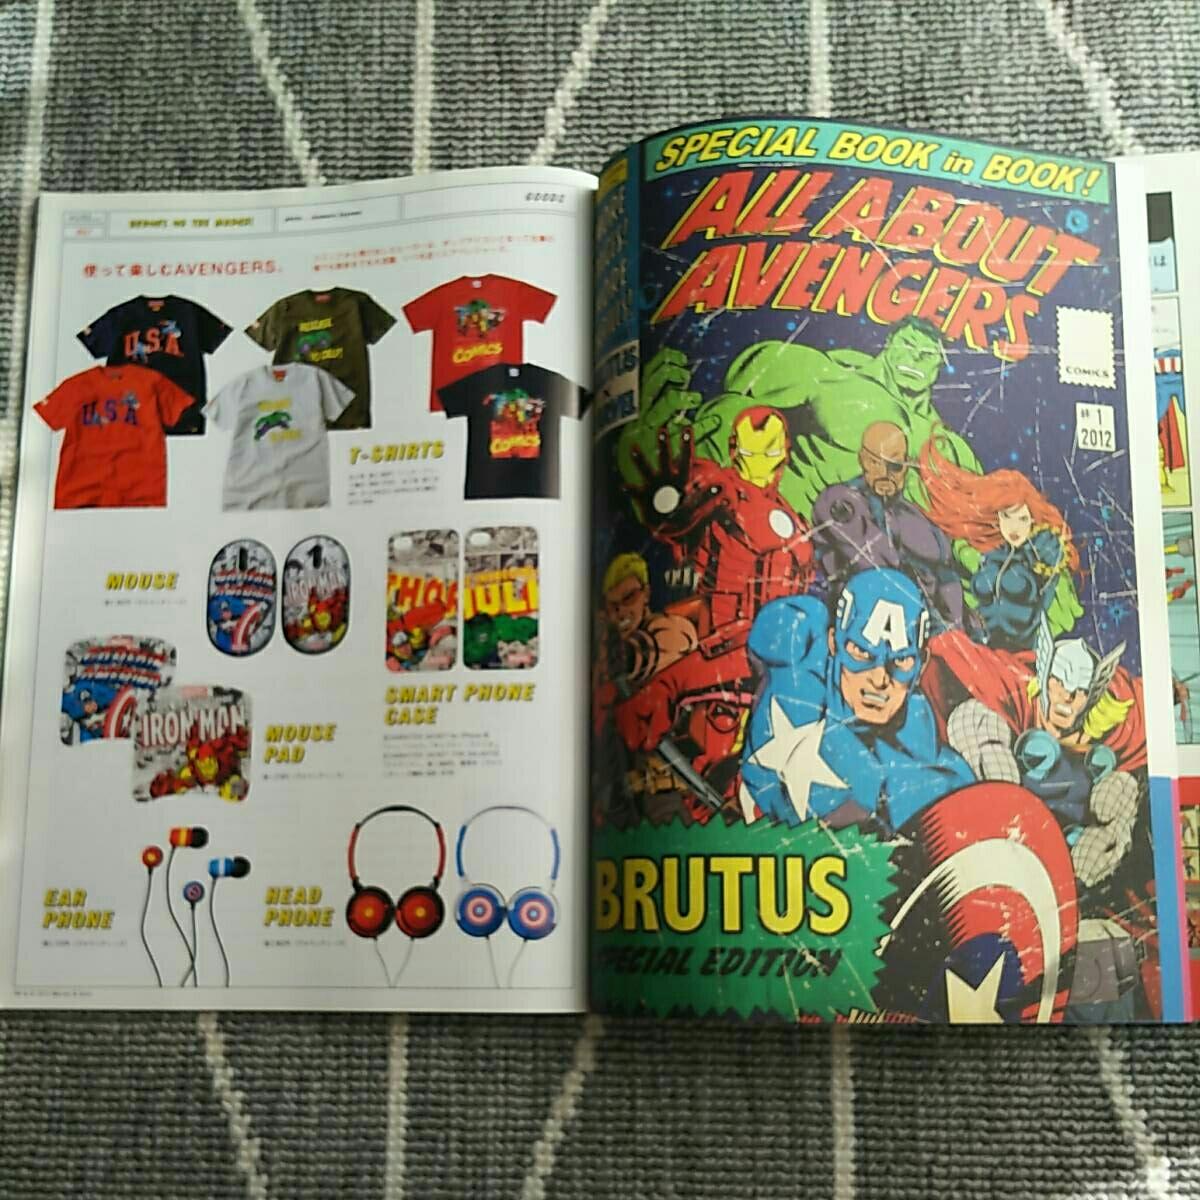 BRUTUS HEROES アメコミ アベンジャーズ MARVEL スパイダーマン キャプテンアメリカ アイアンマン ハルク ヴェノム スタンリー マーベル_画像7